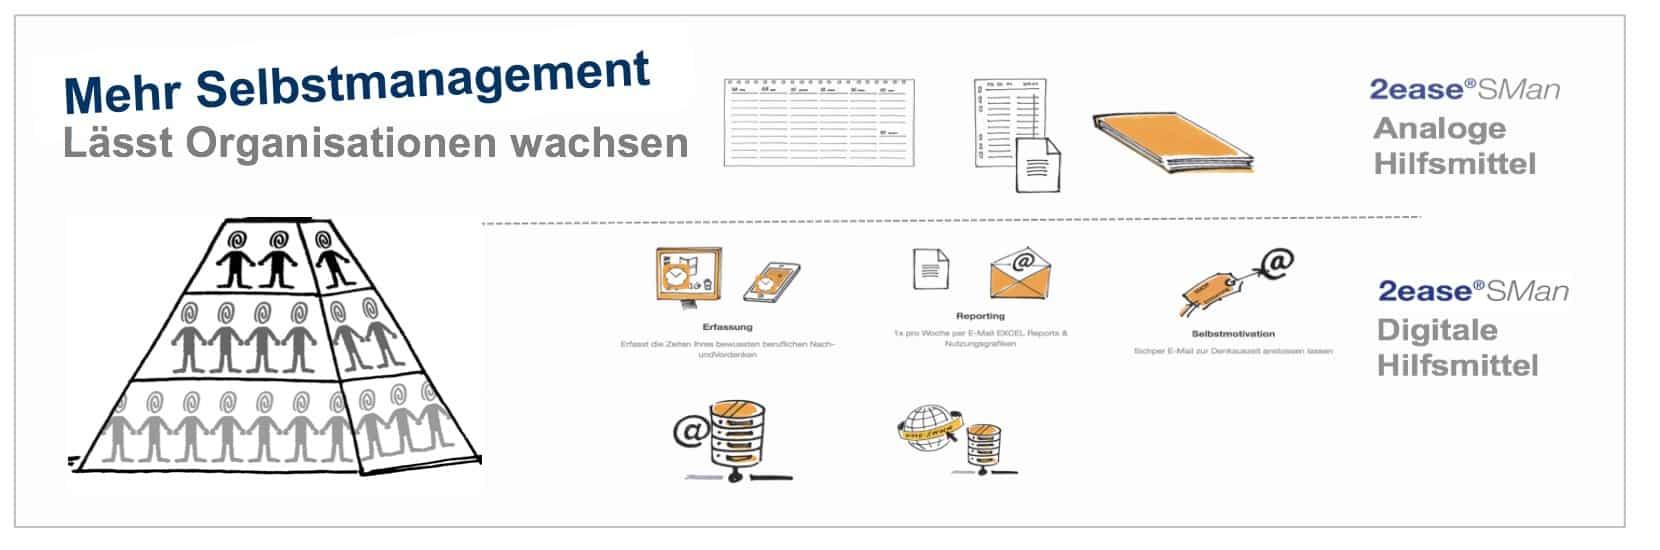 hilfe fr personalentwicklung massnahmen selbstmanagement - Personalentwicklungskonzept Beispiel